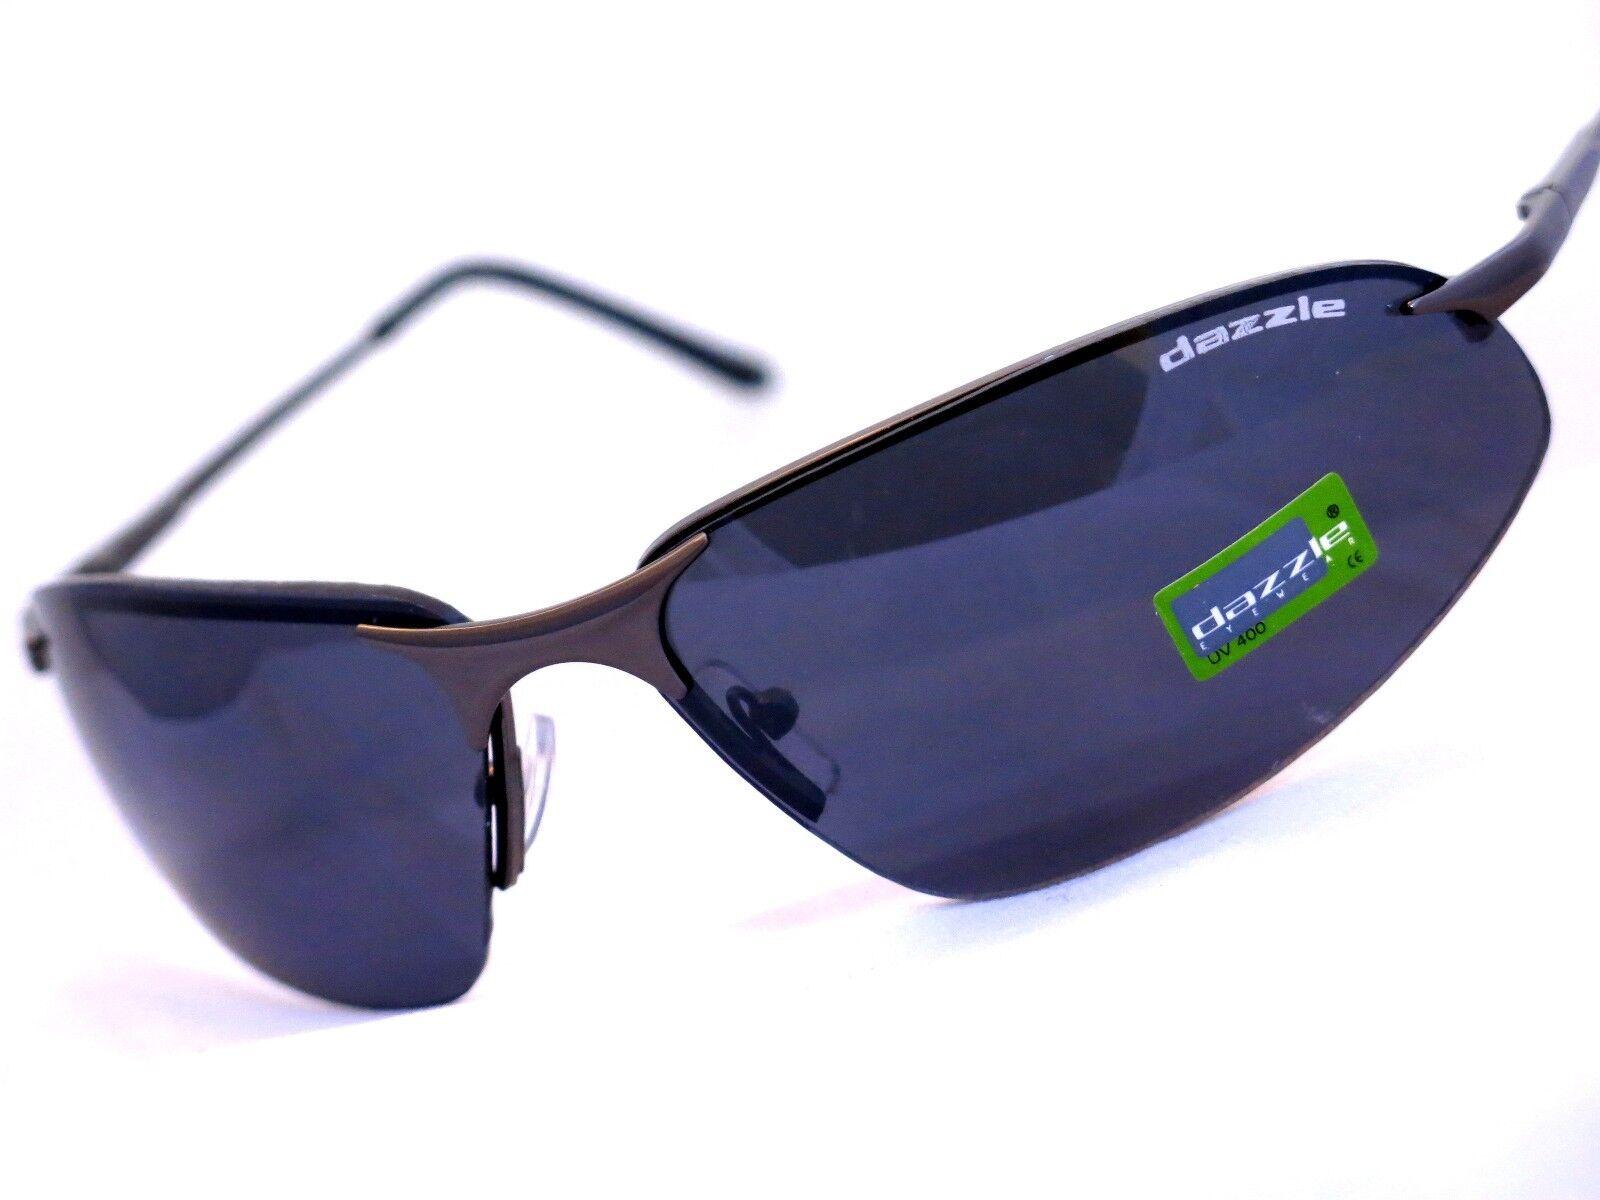 RS Herren Sonnenbrille Brillen schwarz Sportlich biker RADBRILLE Racing Choppers